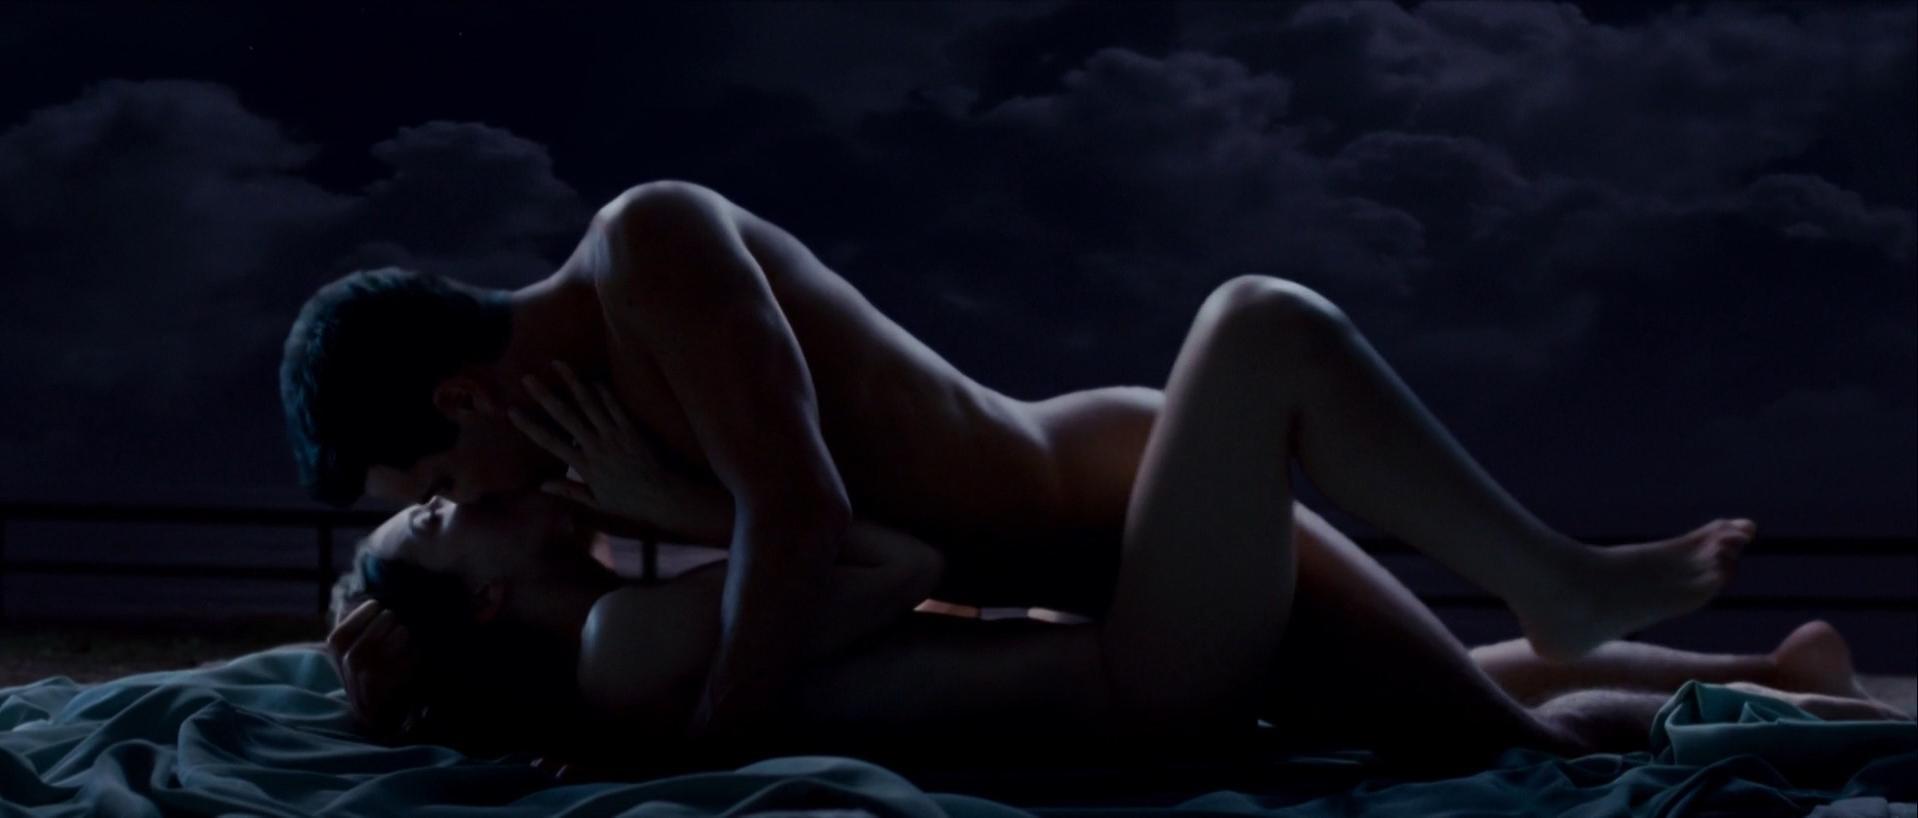 Maria Valverde nude - Tres metros sobre el cielo (2010)